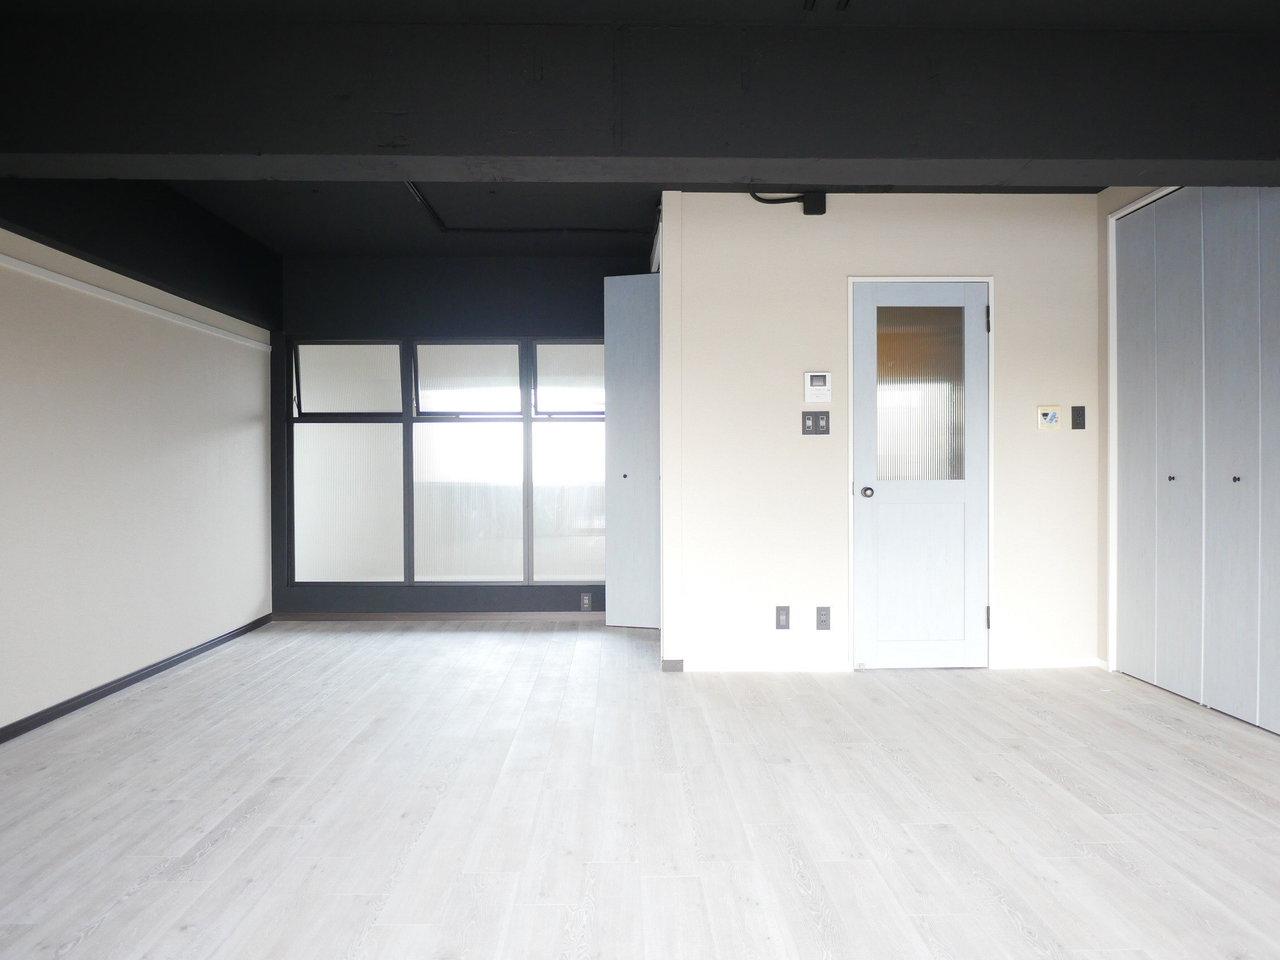 なんとリビングが21畳あり、専有面積も65㎡と、広々1LDKのこちらのお部屋。床はフロアタイルですが、木の質感がうまく表現されていて、部屋全体のおしゃれ度アップに一役買っています。扉はブルーグレーでアンティーク調のデザイン。北欧っぽくていいですね。